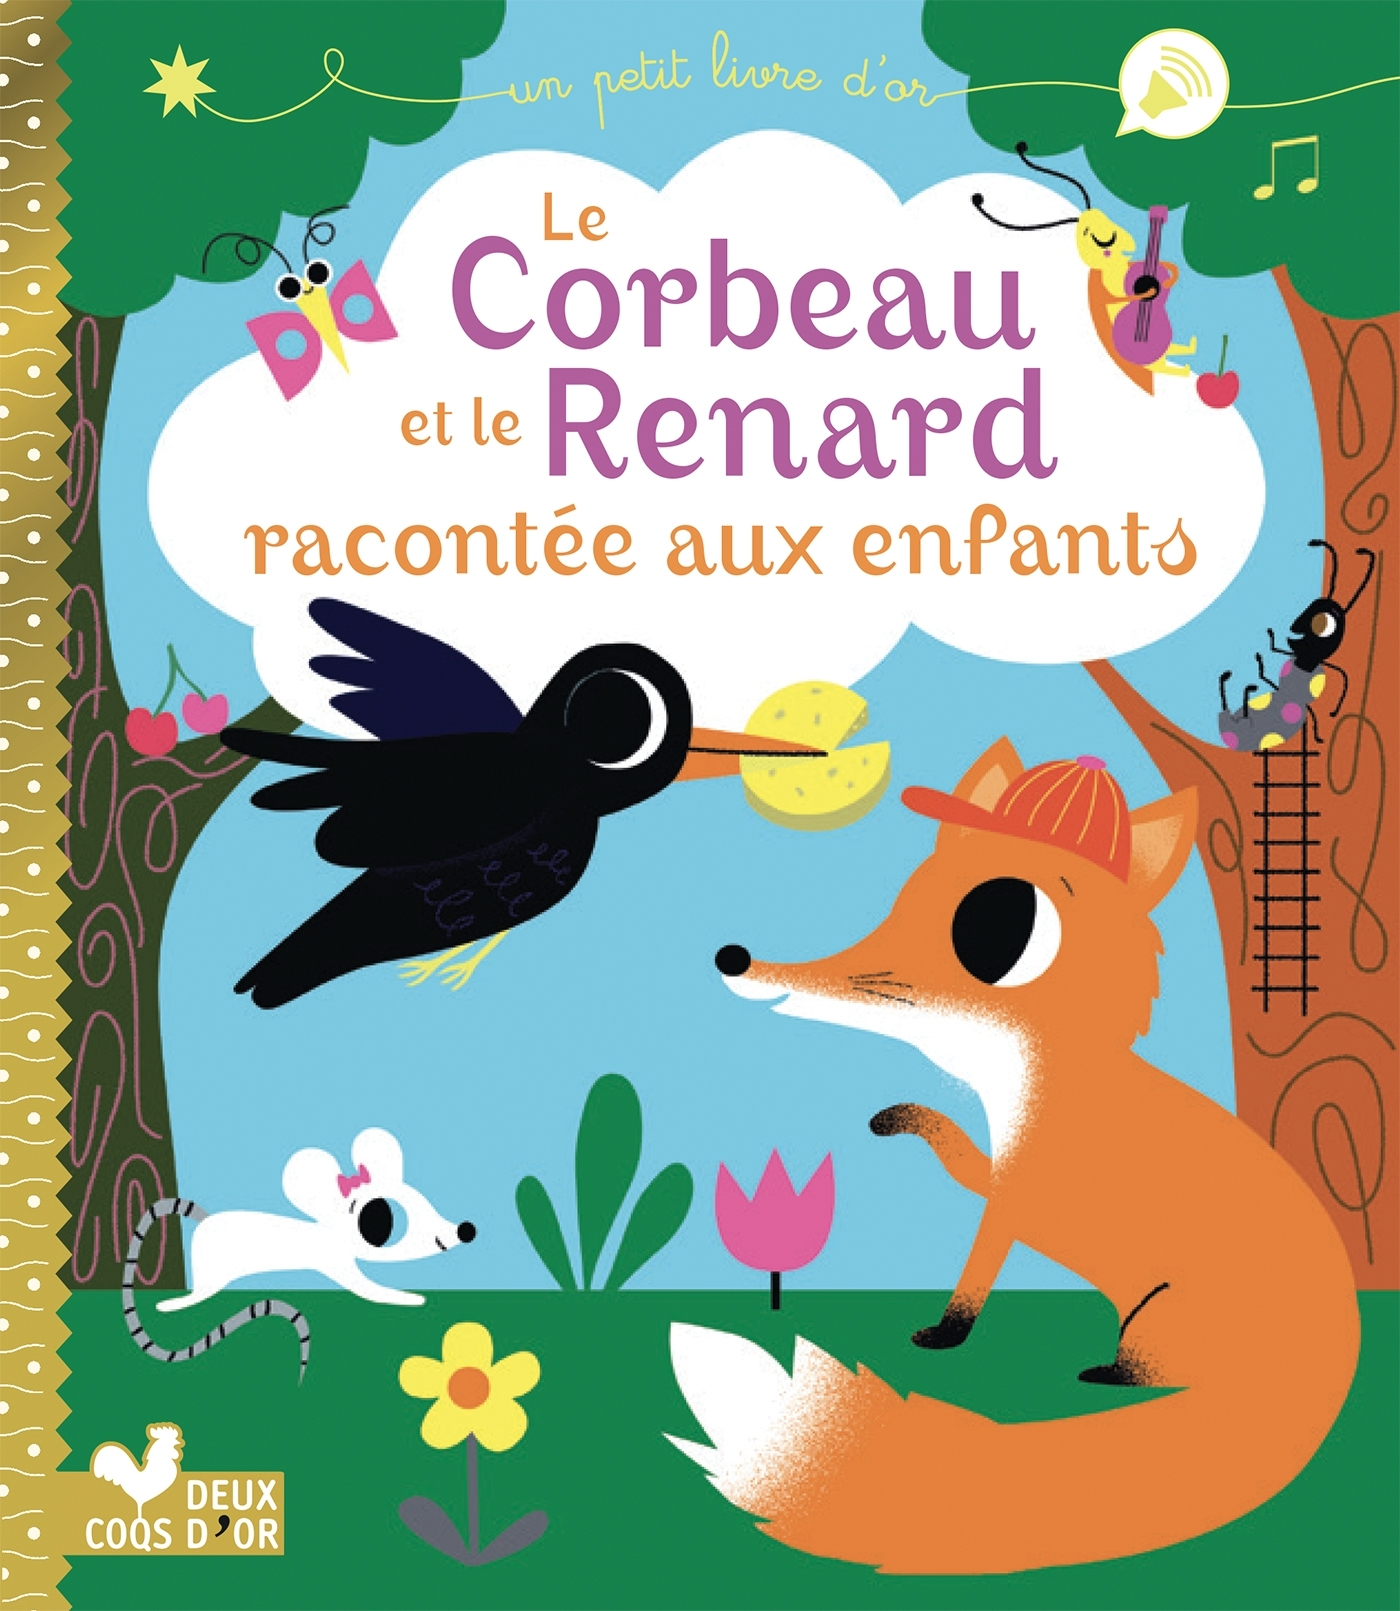 LE CORBEAU ET LE RENARD RACONTEE AUX ENFANTS